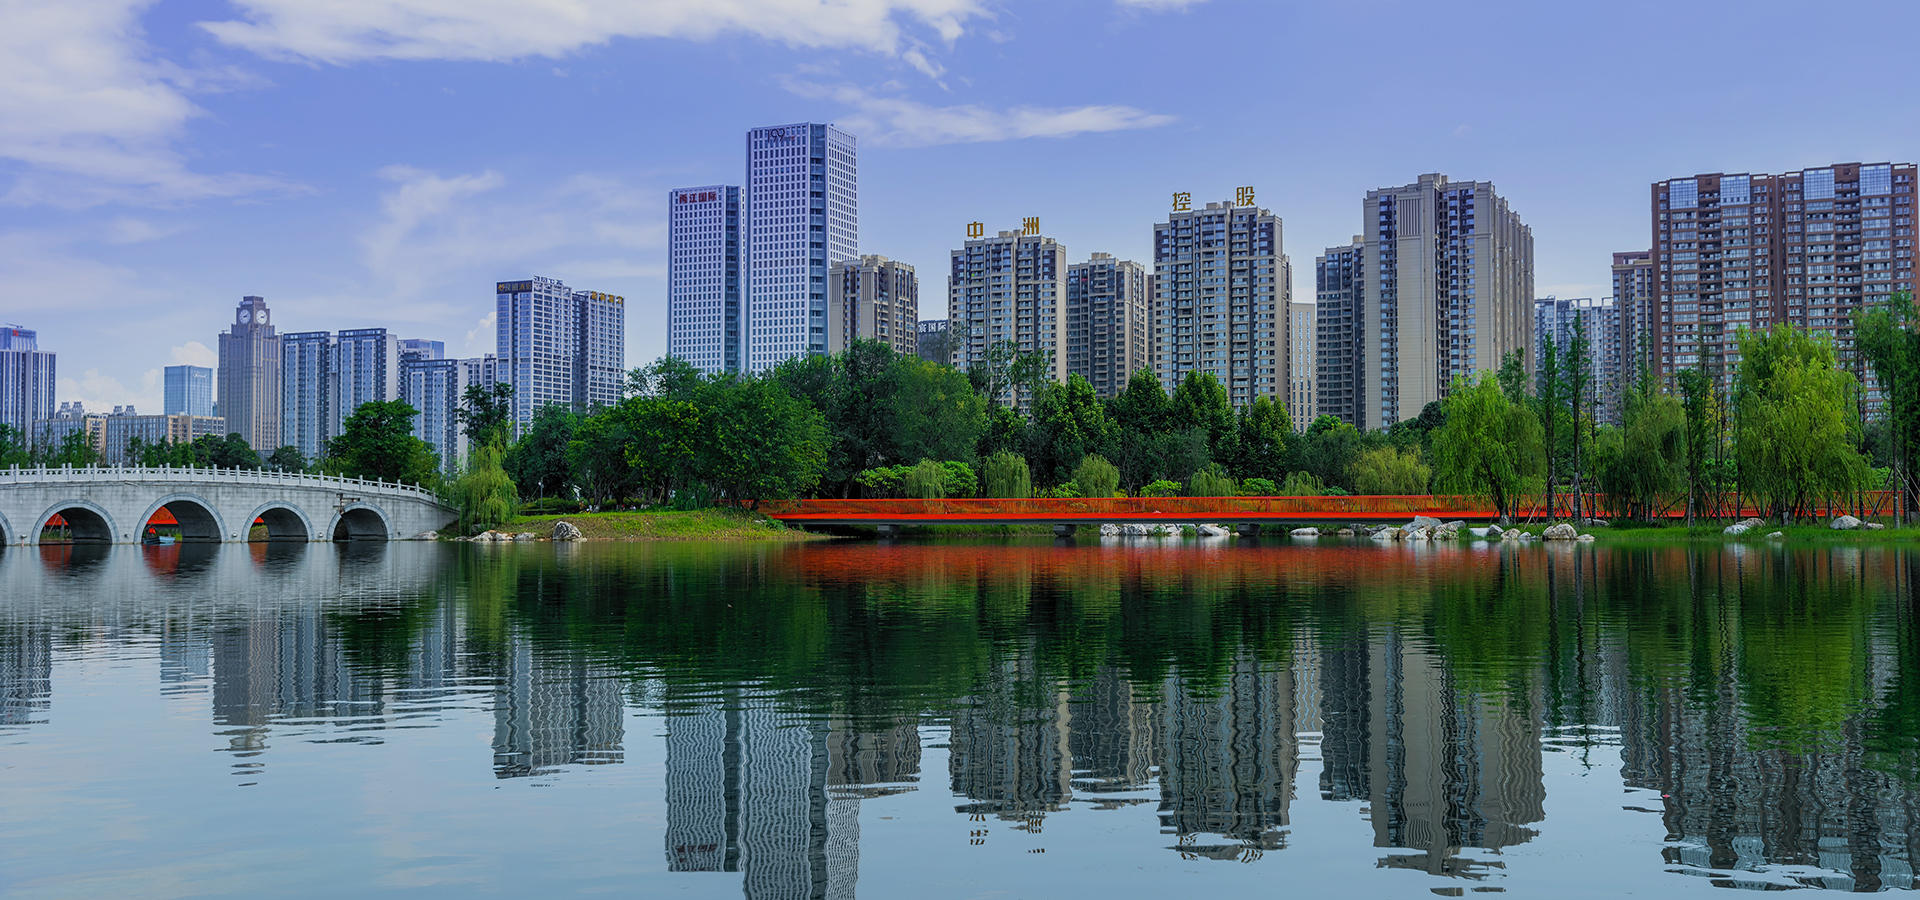 公园城市综合开发的品牌企业